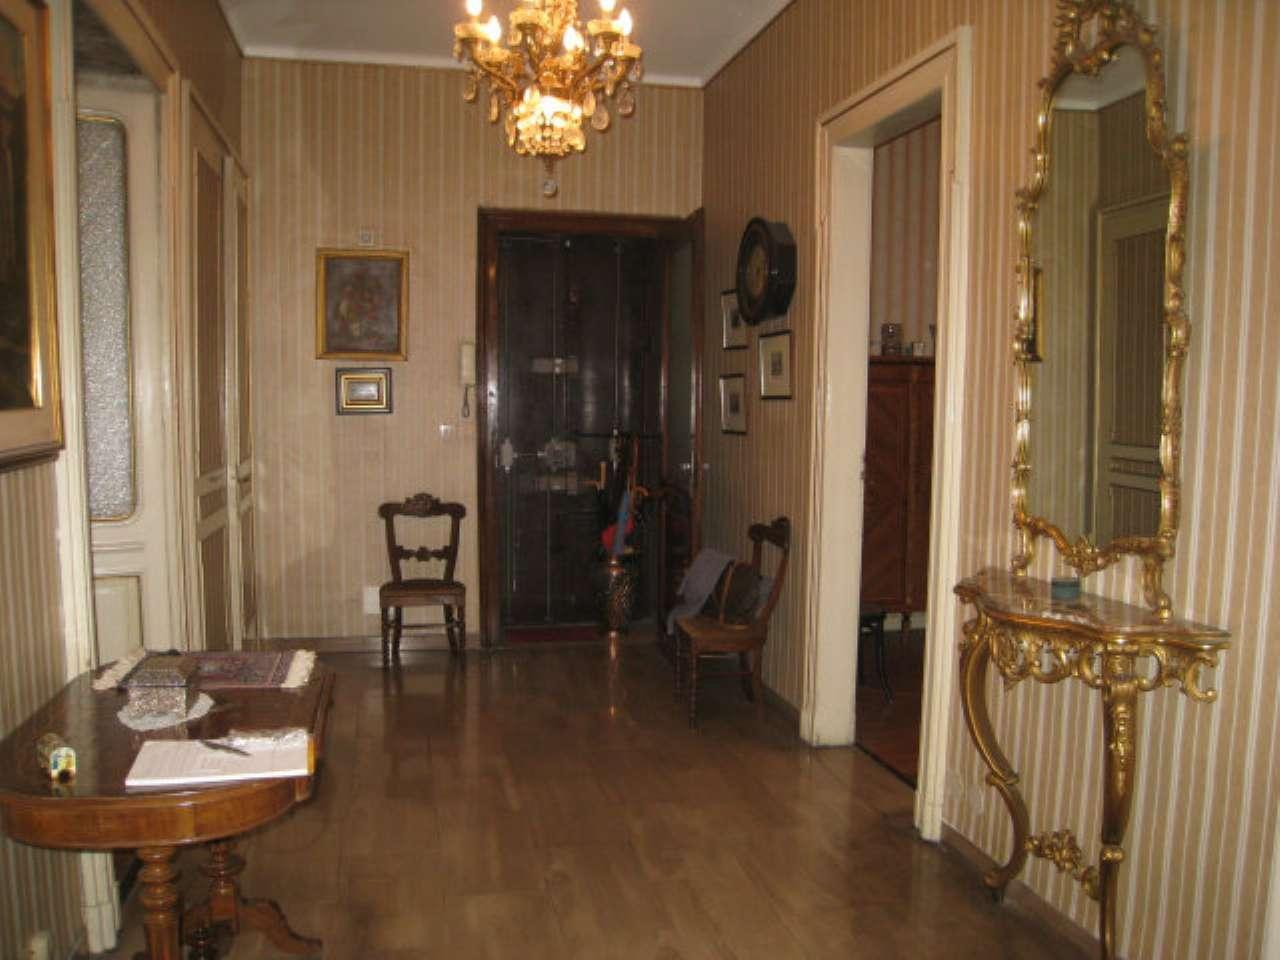 Foto 1 di Appartamento via ALFONSO LAMARMORA, Torino (zona Crocetta, San Secondo)